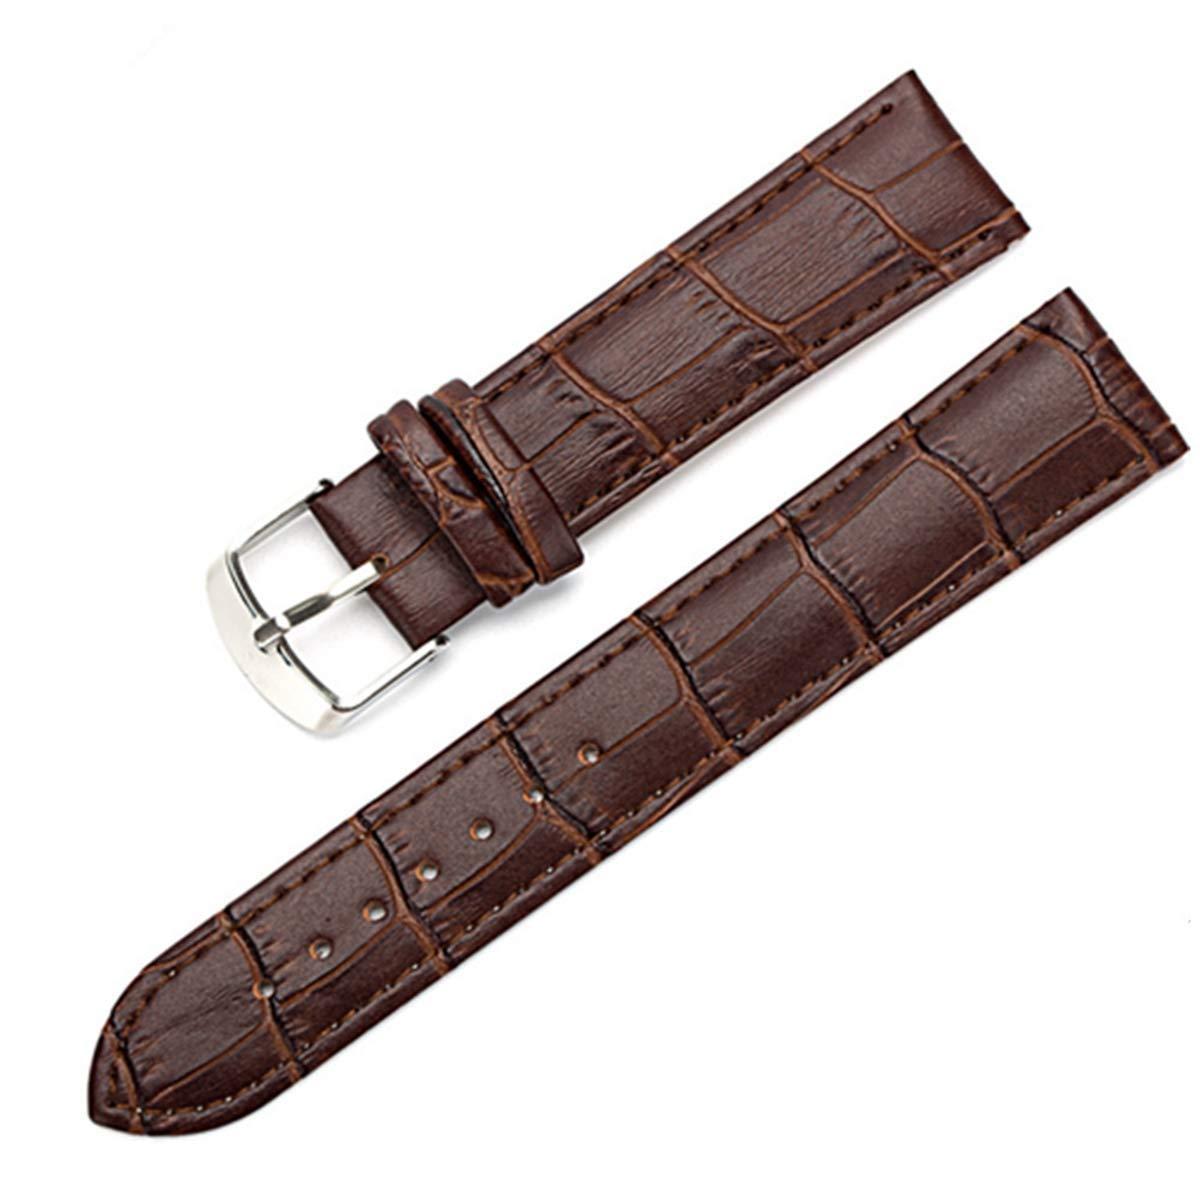 8 10 15 16 18 19 20 mm läder klockarmband klocka bälte rem armbandsur band kvinna röd vit svart för män och kvinnor Svart